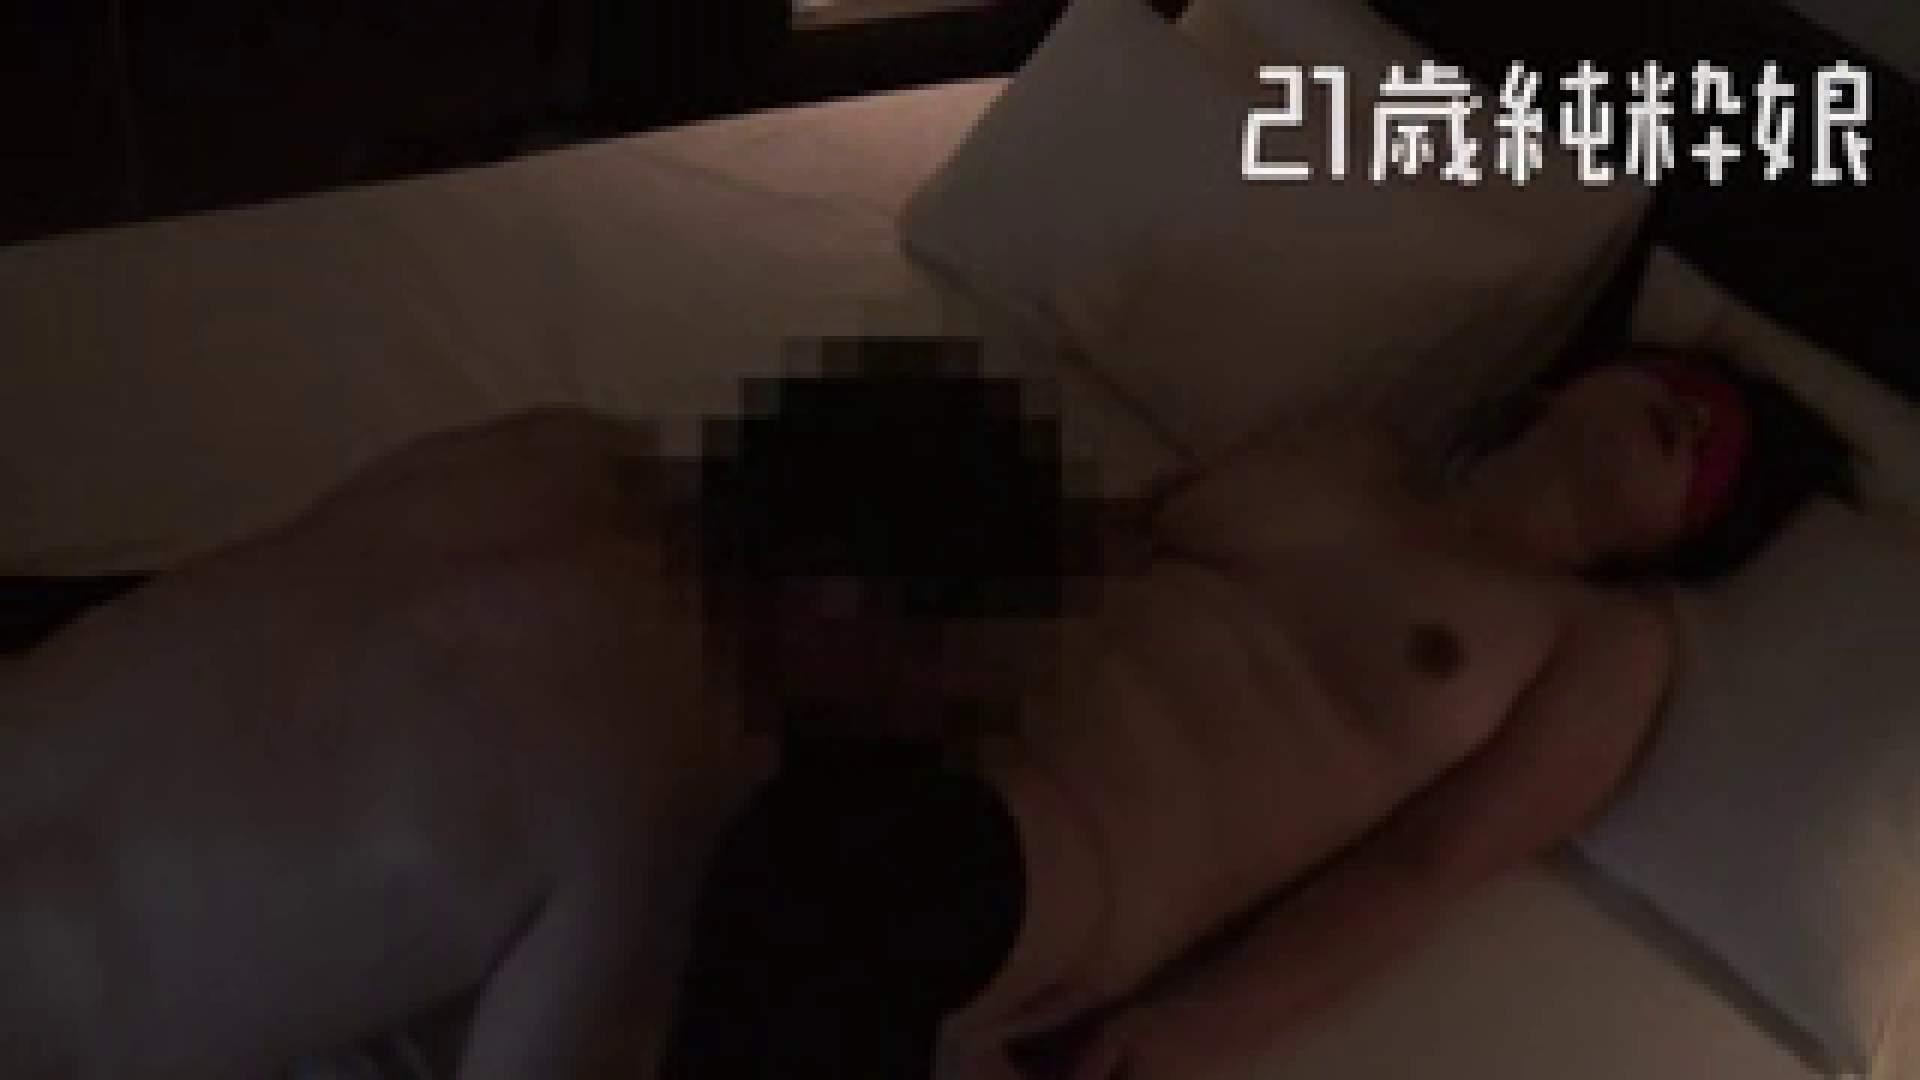 上京したばかりのGカップ21歳純粋嬢を都合の良い女にしてみた4 ホテル 盗み撮り動画キャプチャ 61連発 51